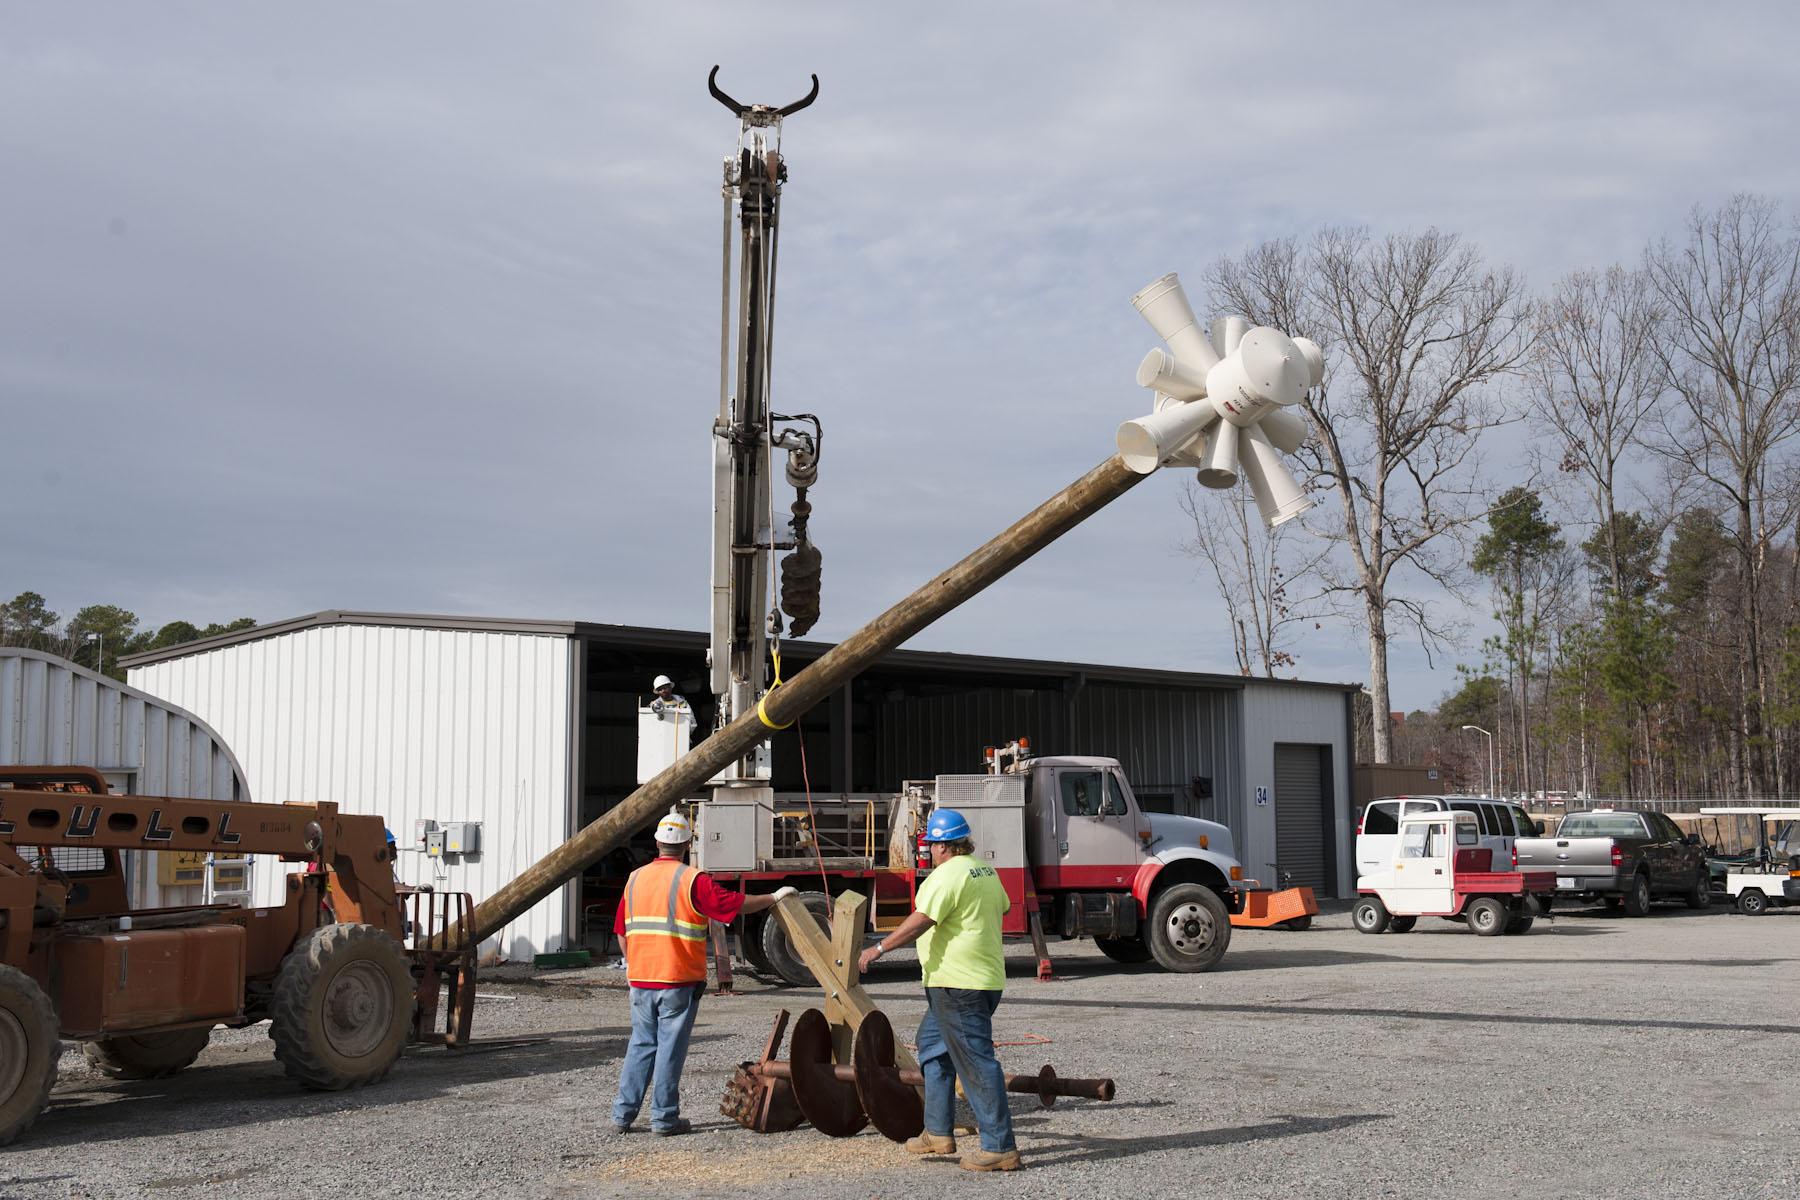 Installation of tornado siren, December 2011